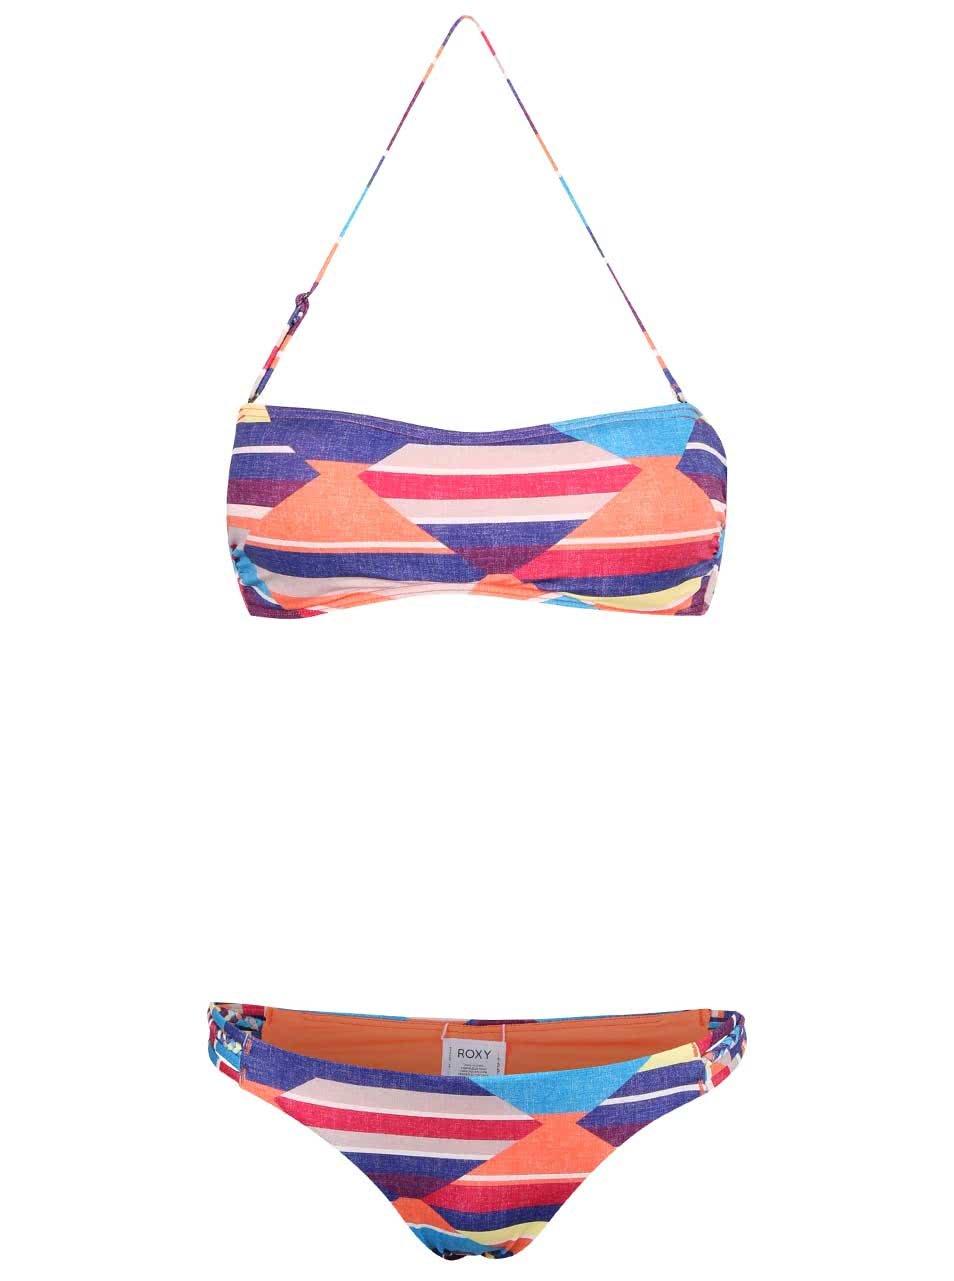 Barevné plavky s geometrickým vzorem Roxy Bandeau/Heart Scooter